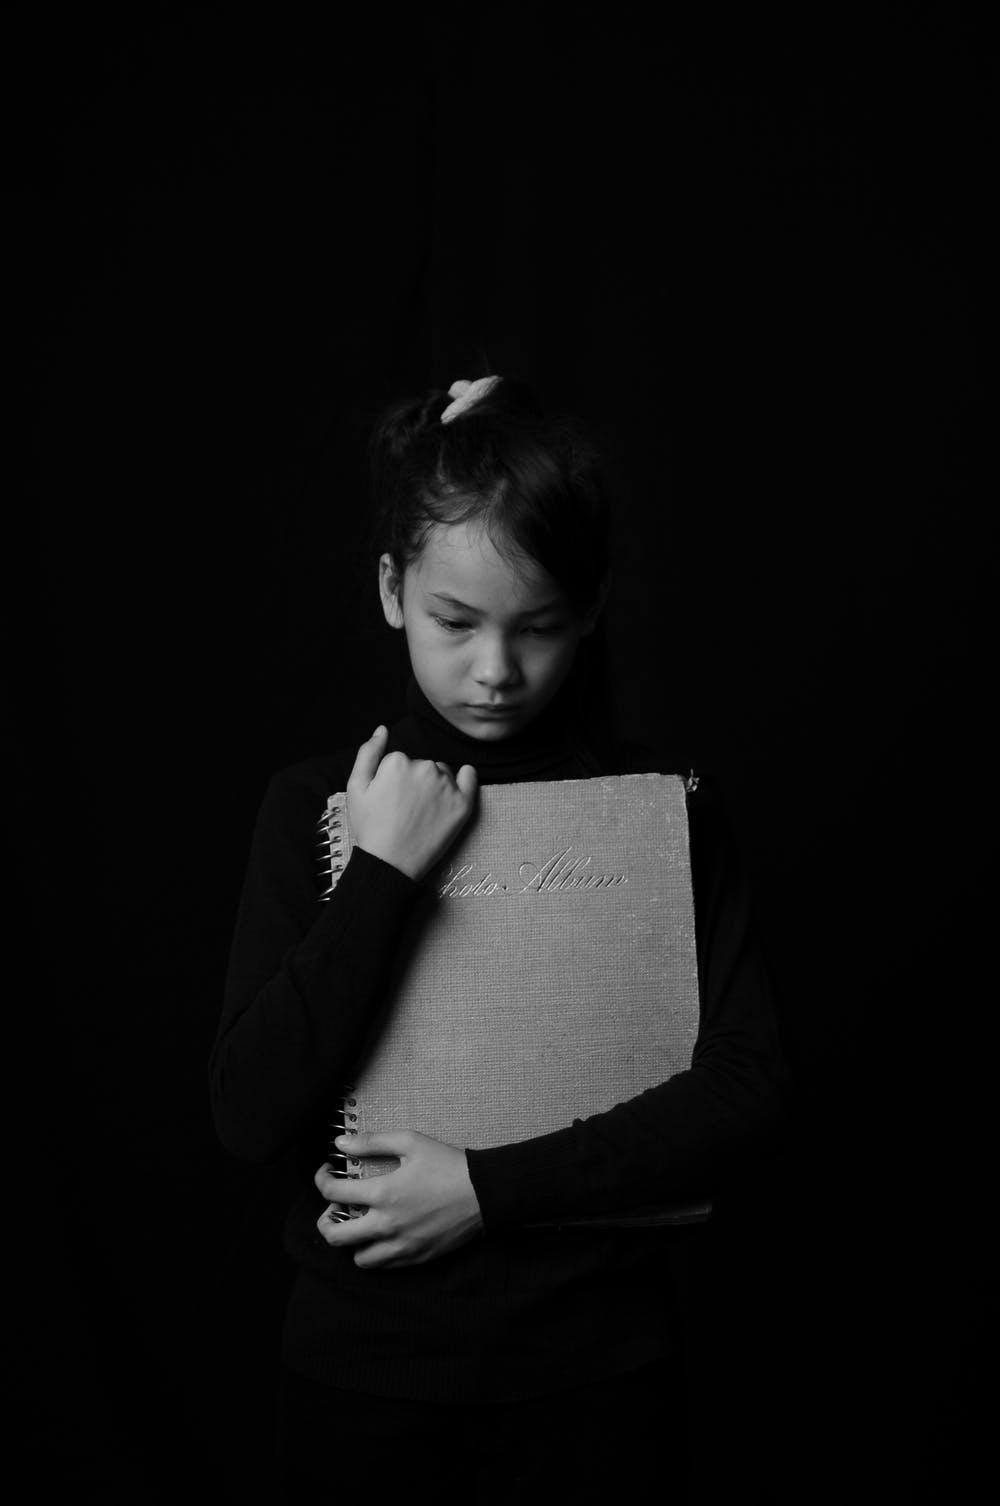 como ayudar a niño con depresion 3